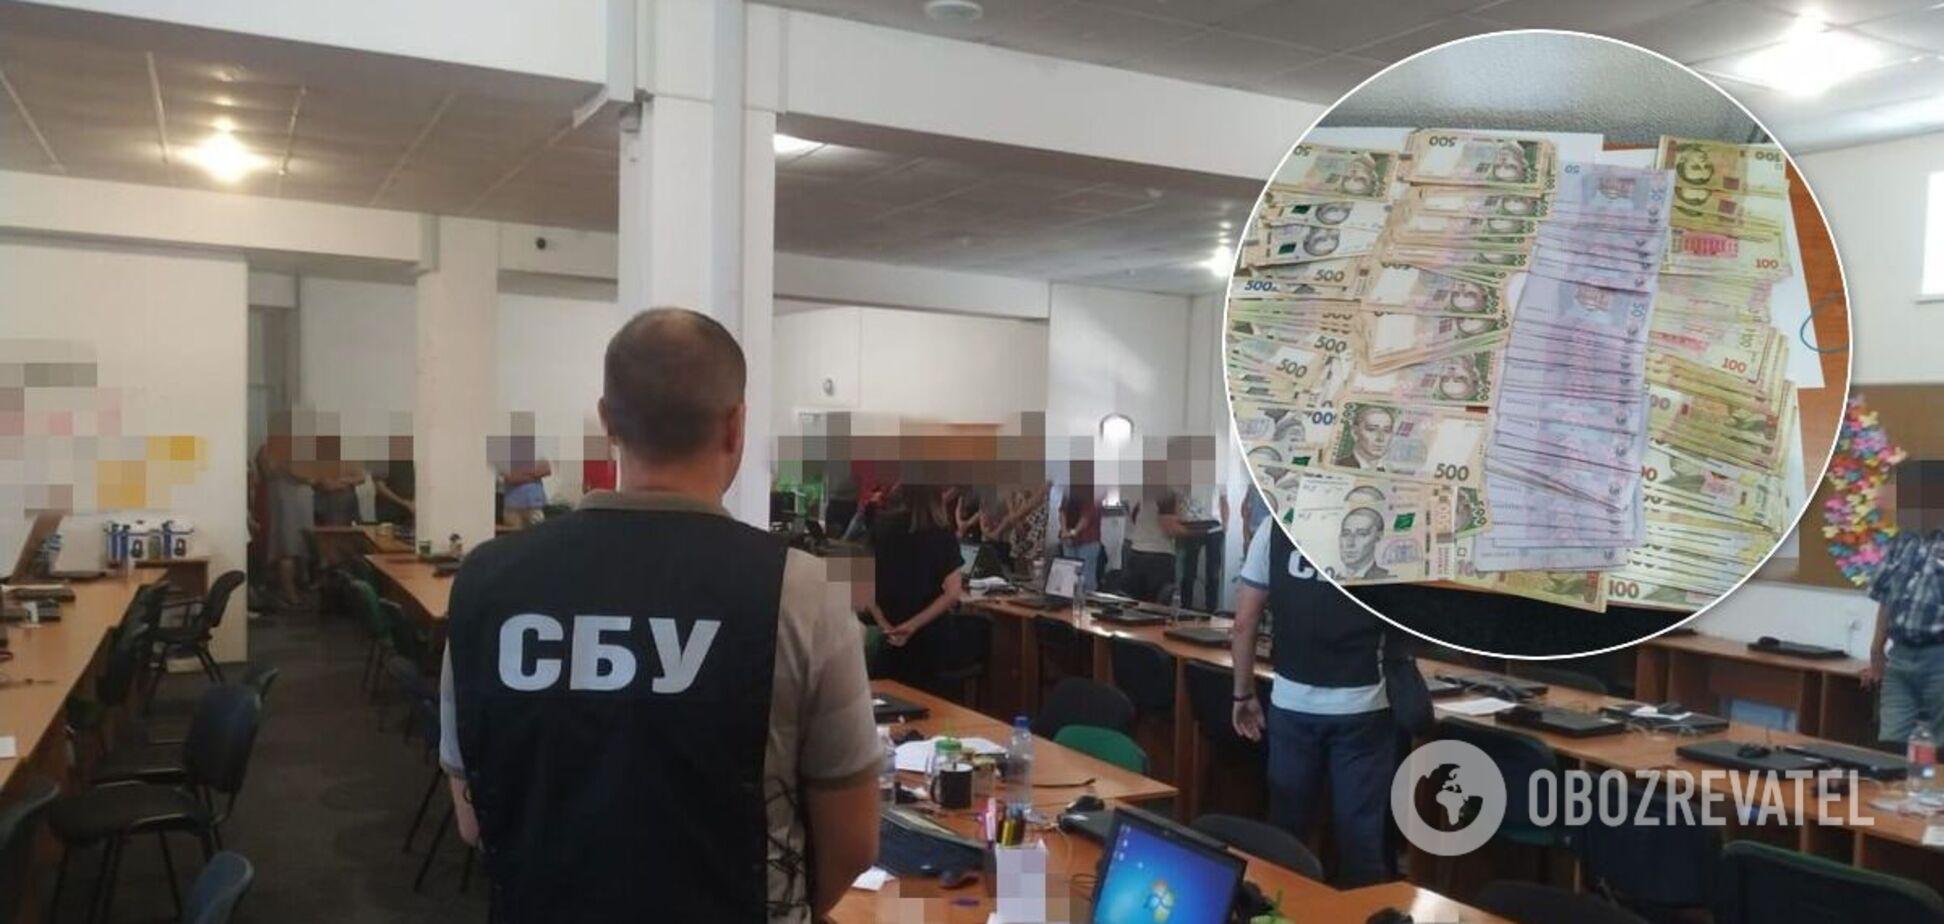 Мошенники из 'колл-центра банка' крали по 3 млн грн ежемесячно: СБУ раскрыла схему